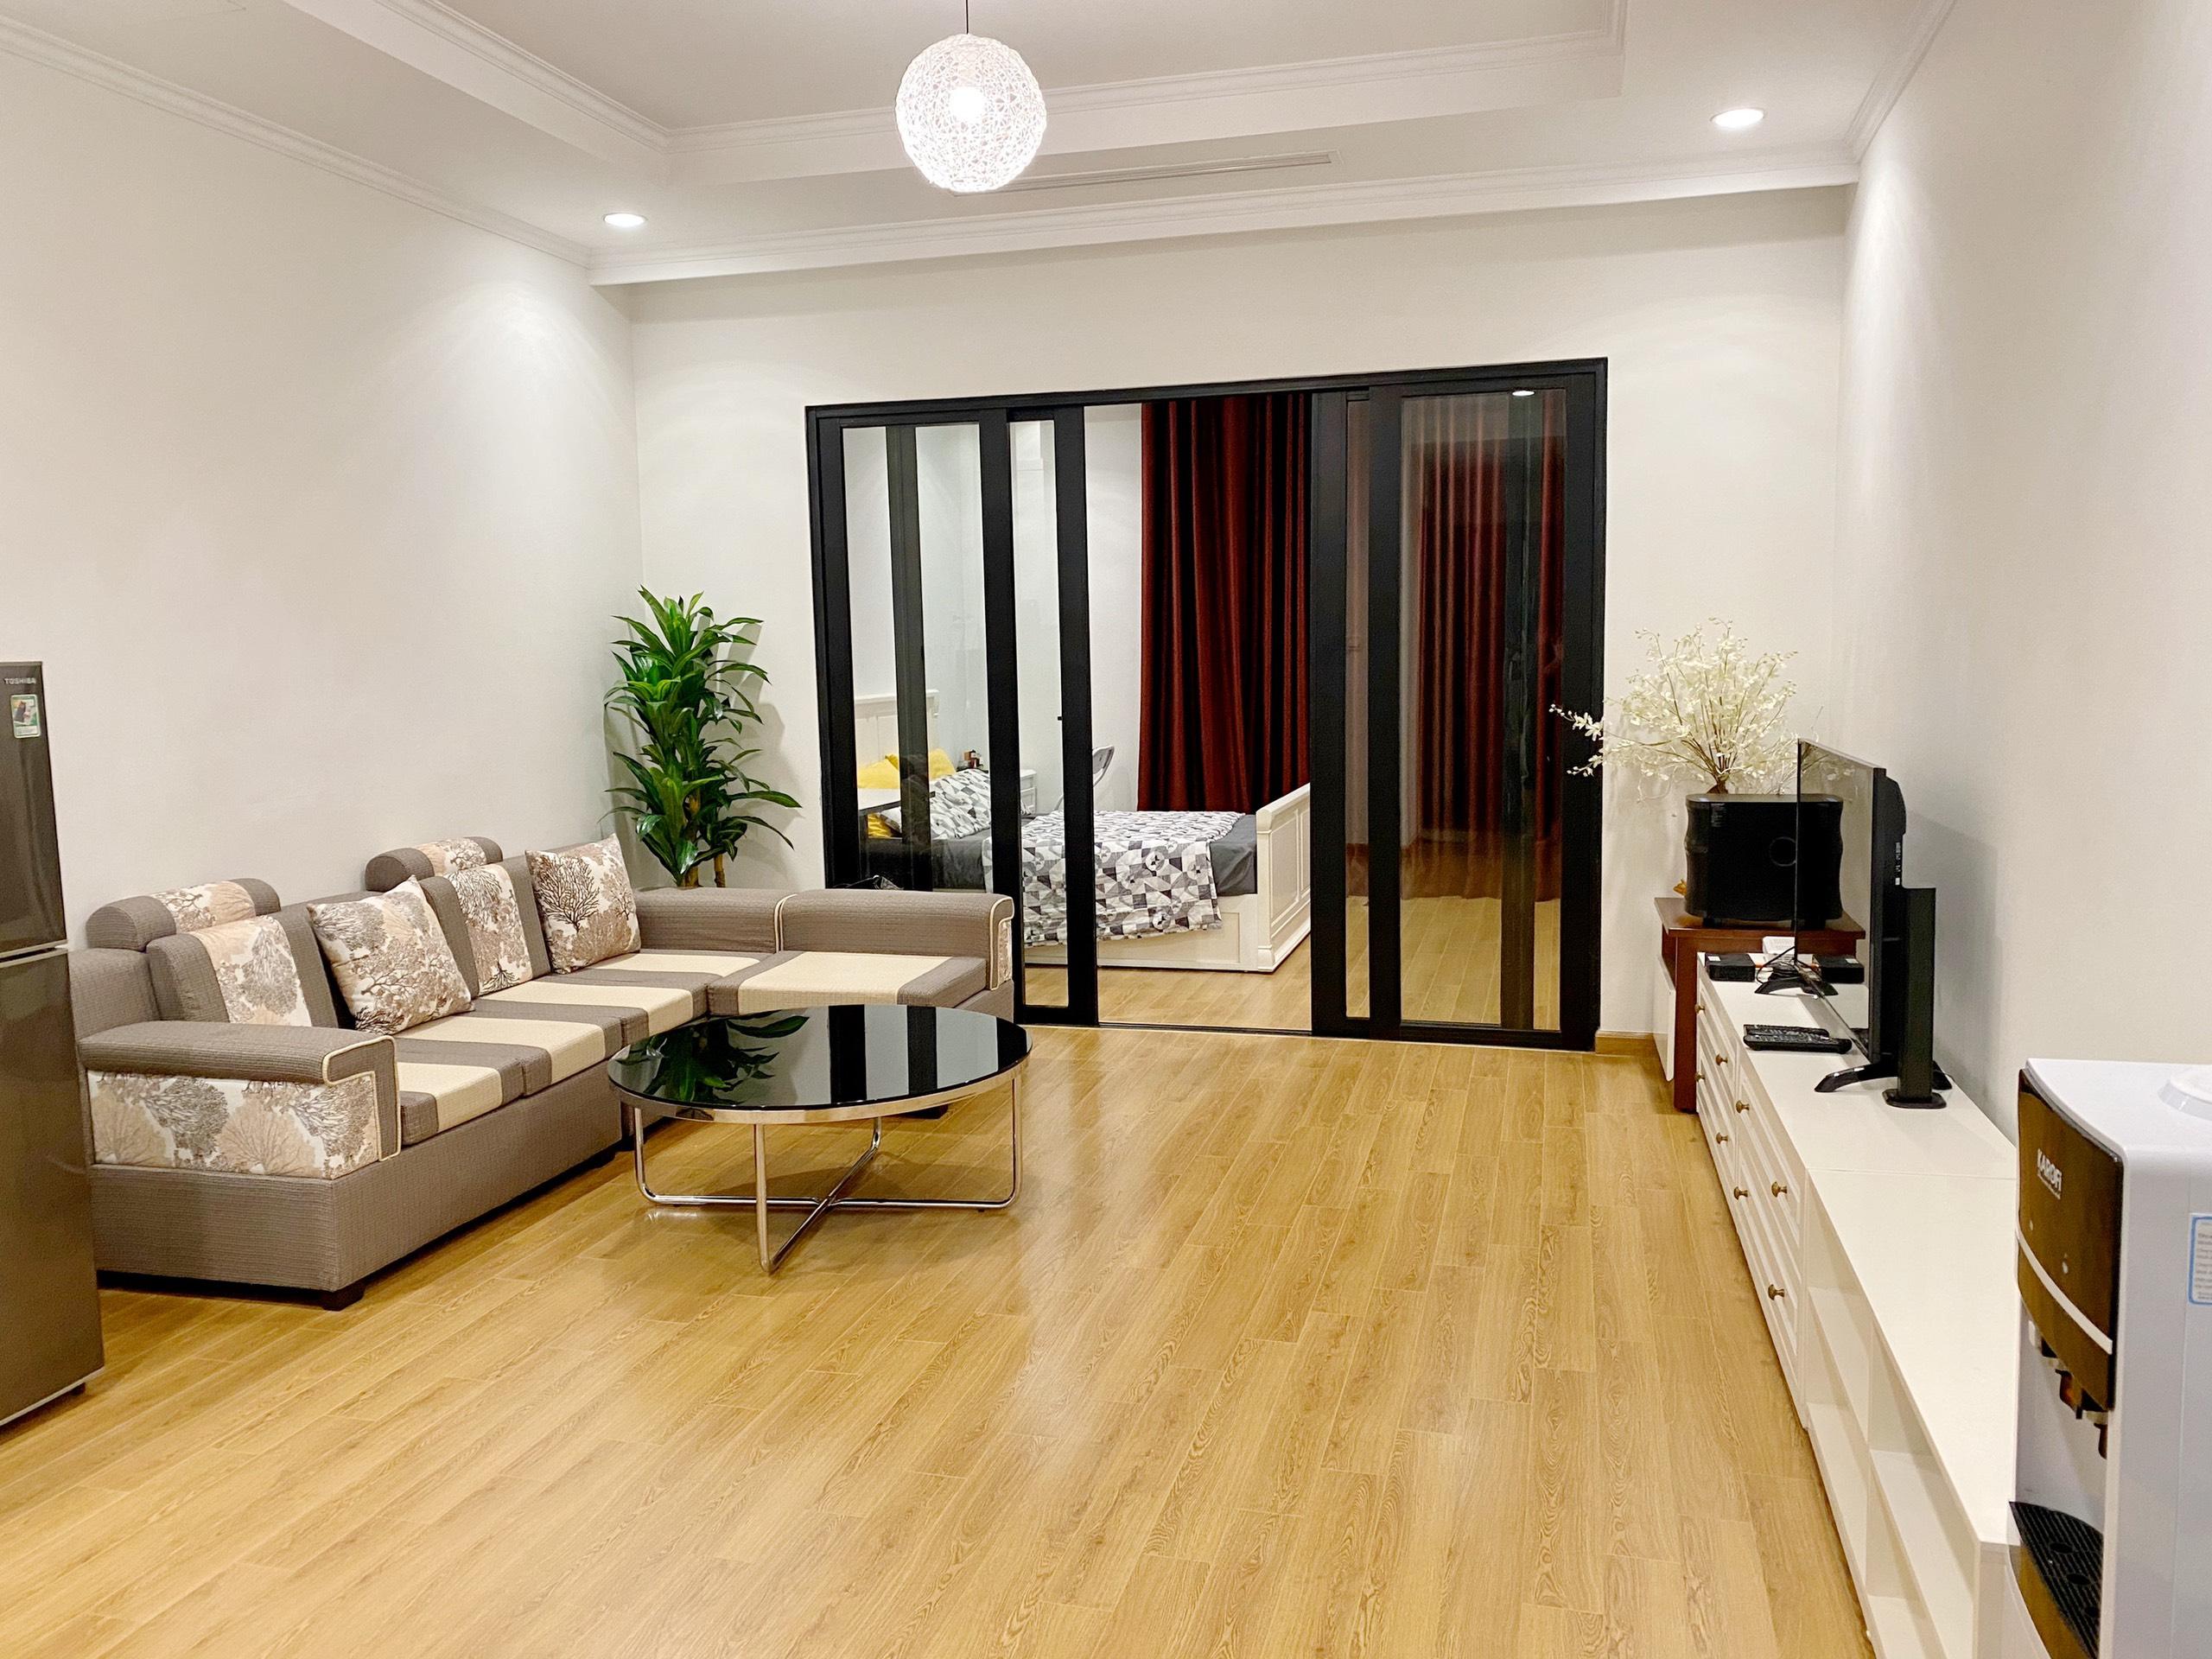 Chính chủ cho thuê căn hộ chung cư tại Royal City, DT55m2 Giá 14tr/th LH 0912733529